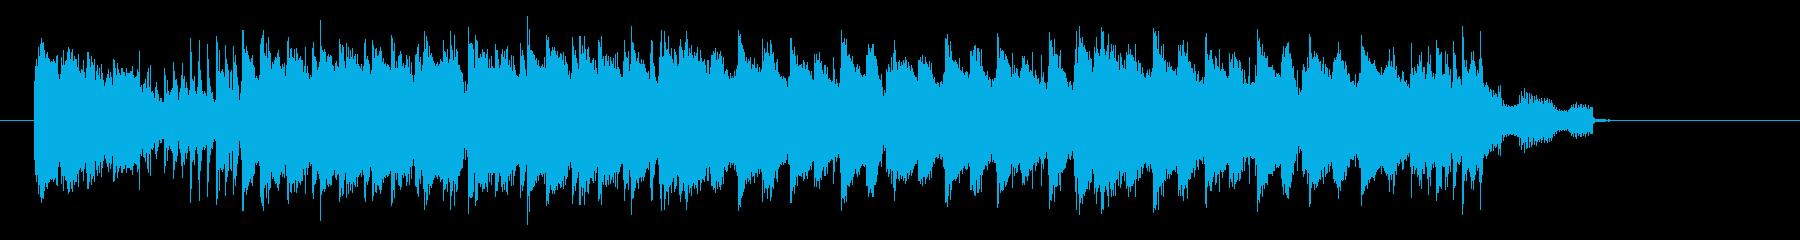 大人の雰囲気漂うジャジイなBGMの再生済みの波形